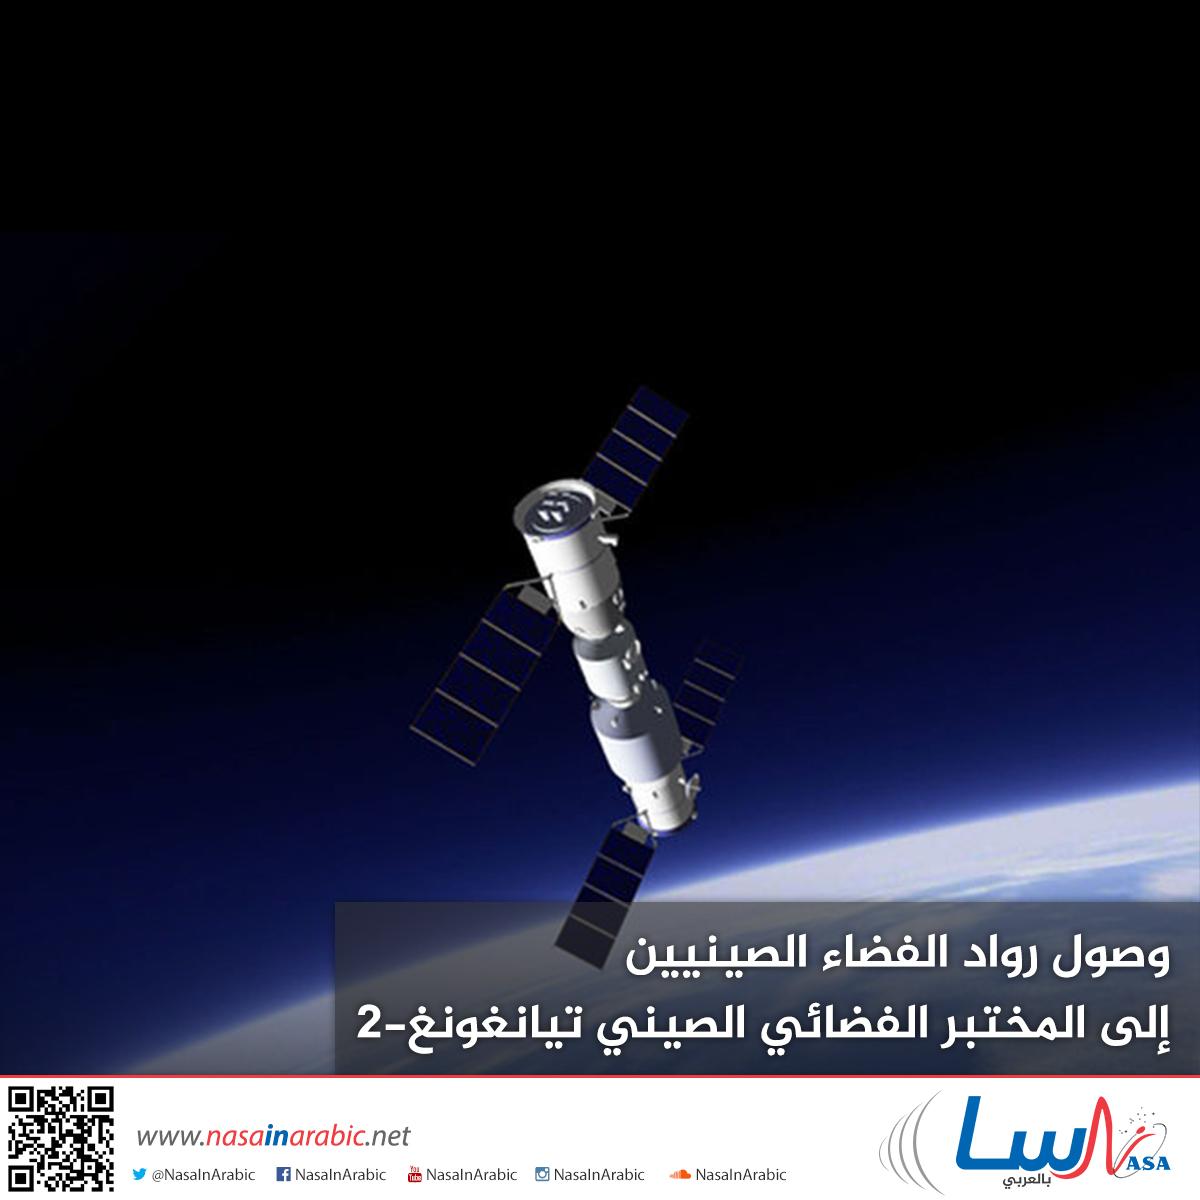 وصول رواد الفضاء الصينيين إلى المختبر الفضائي الصيني تيانغونغ-2